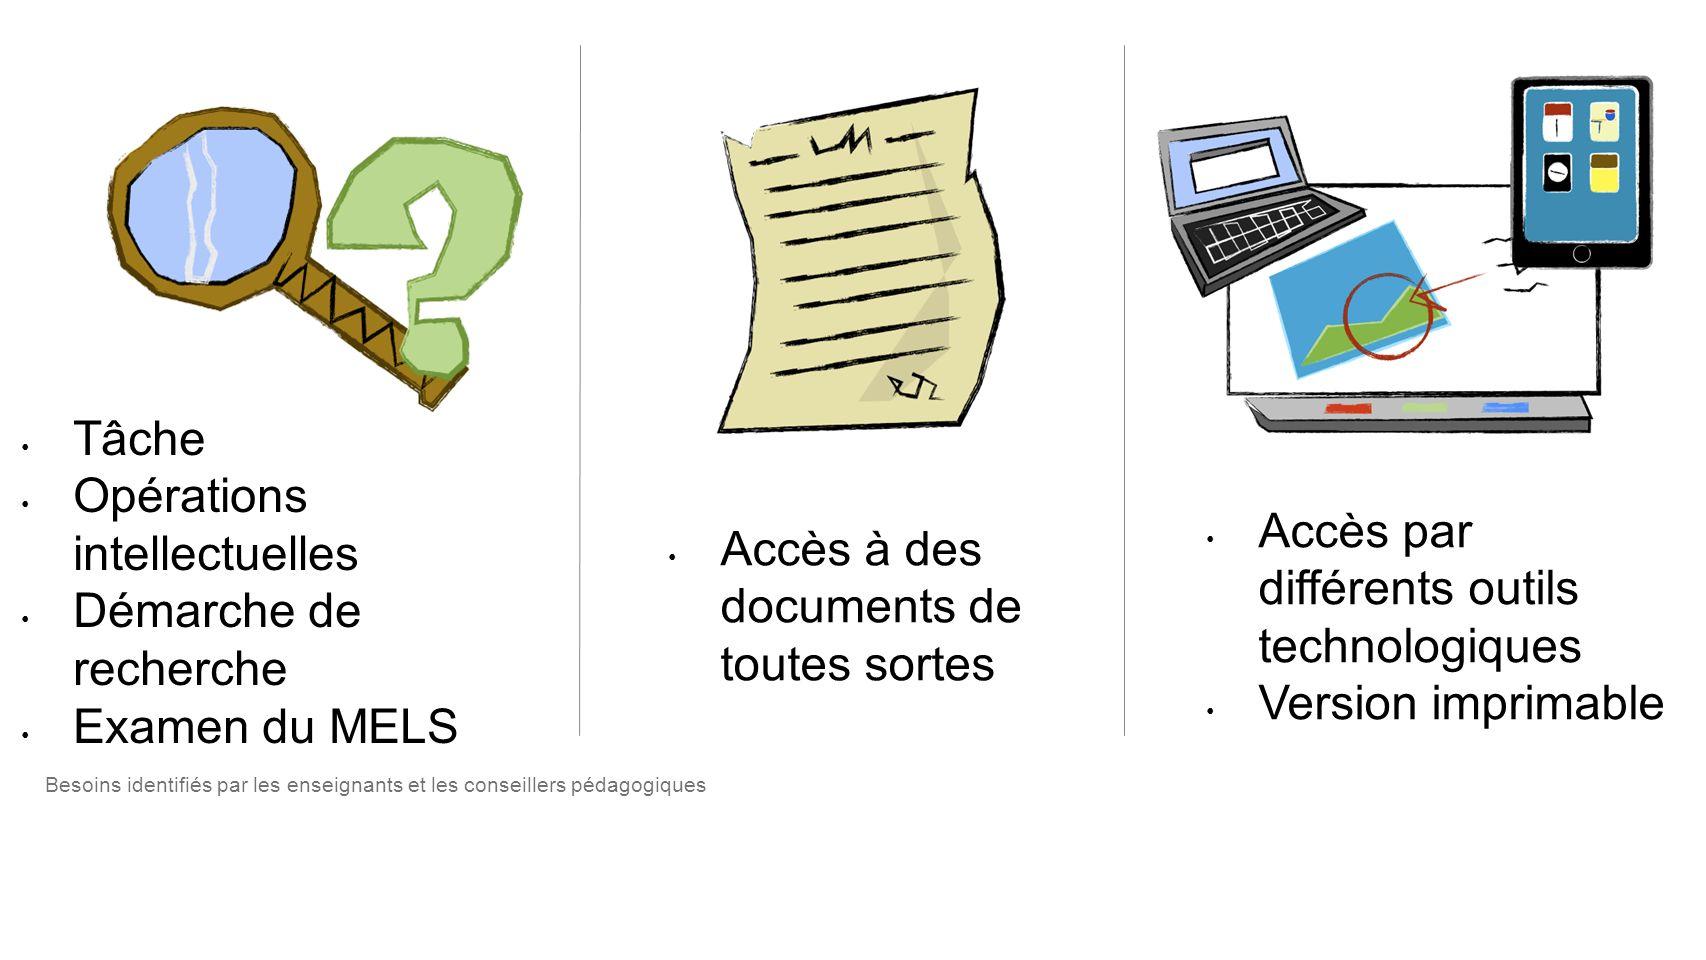 Opérations intellectuelles Démarche de recherche Examen du MELS